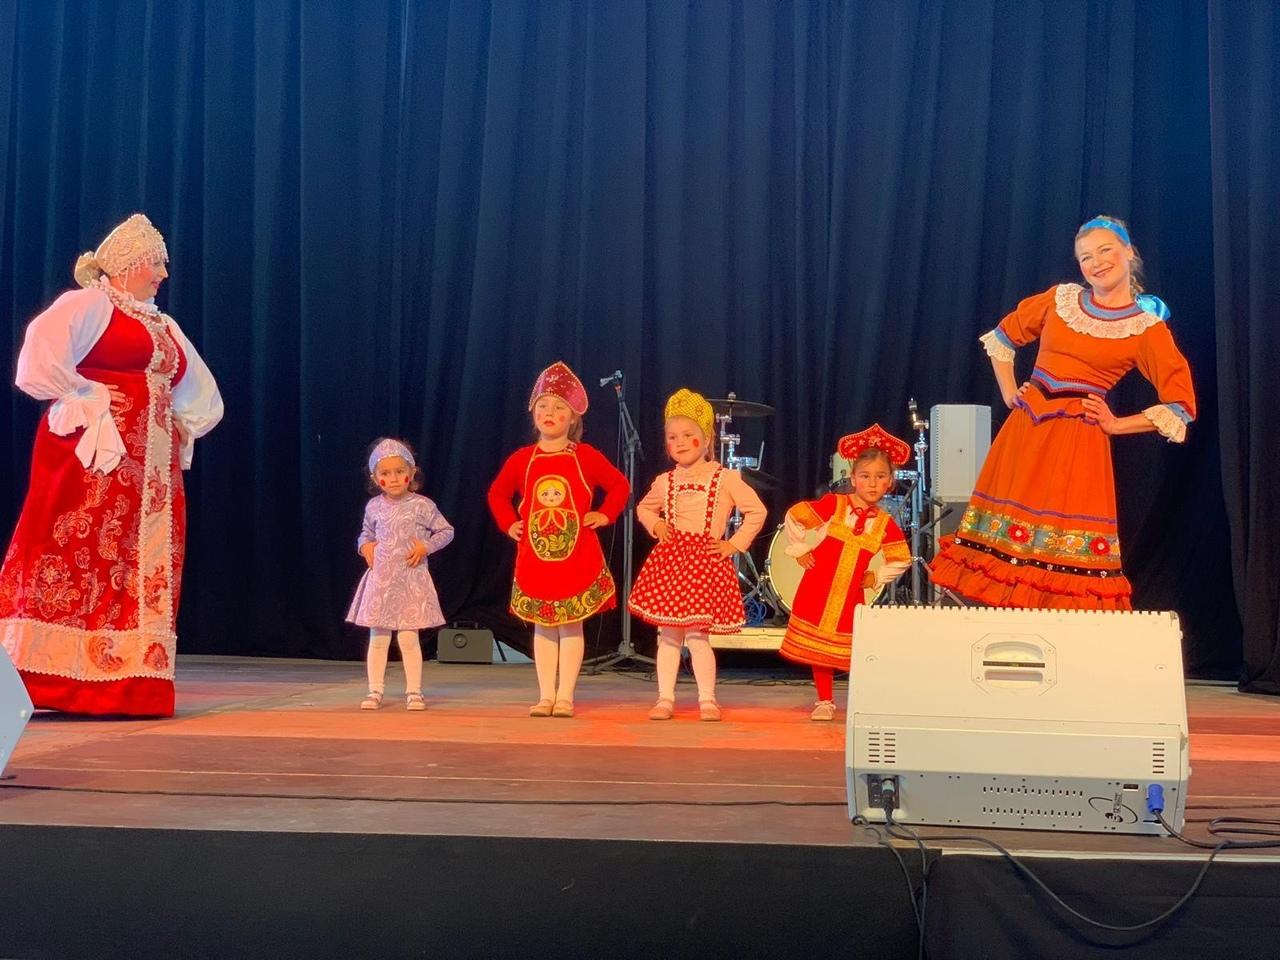 Русская школа «Солнышко» выступает на празднике Балеарских островов